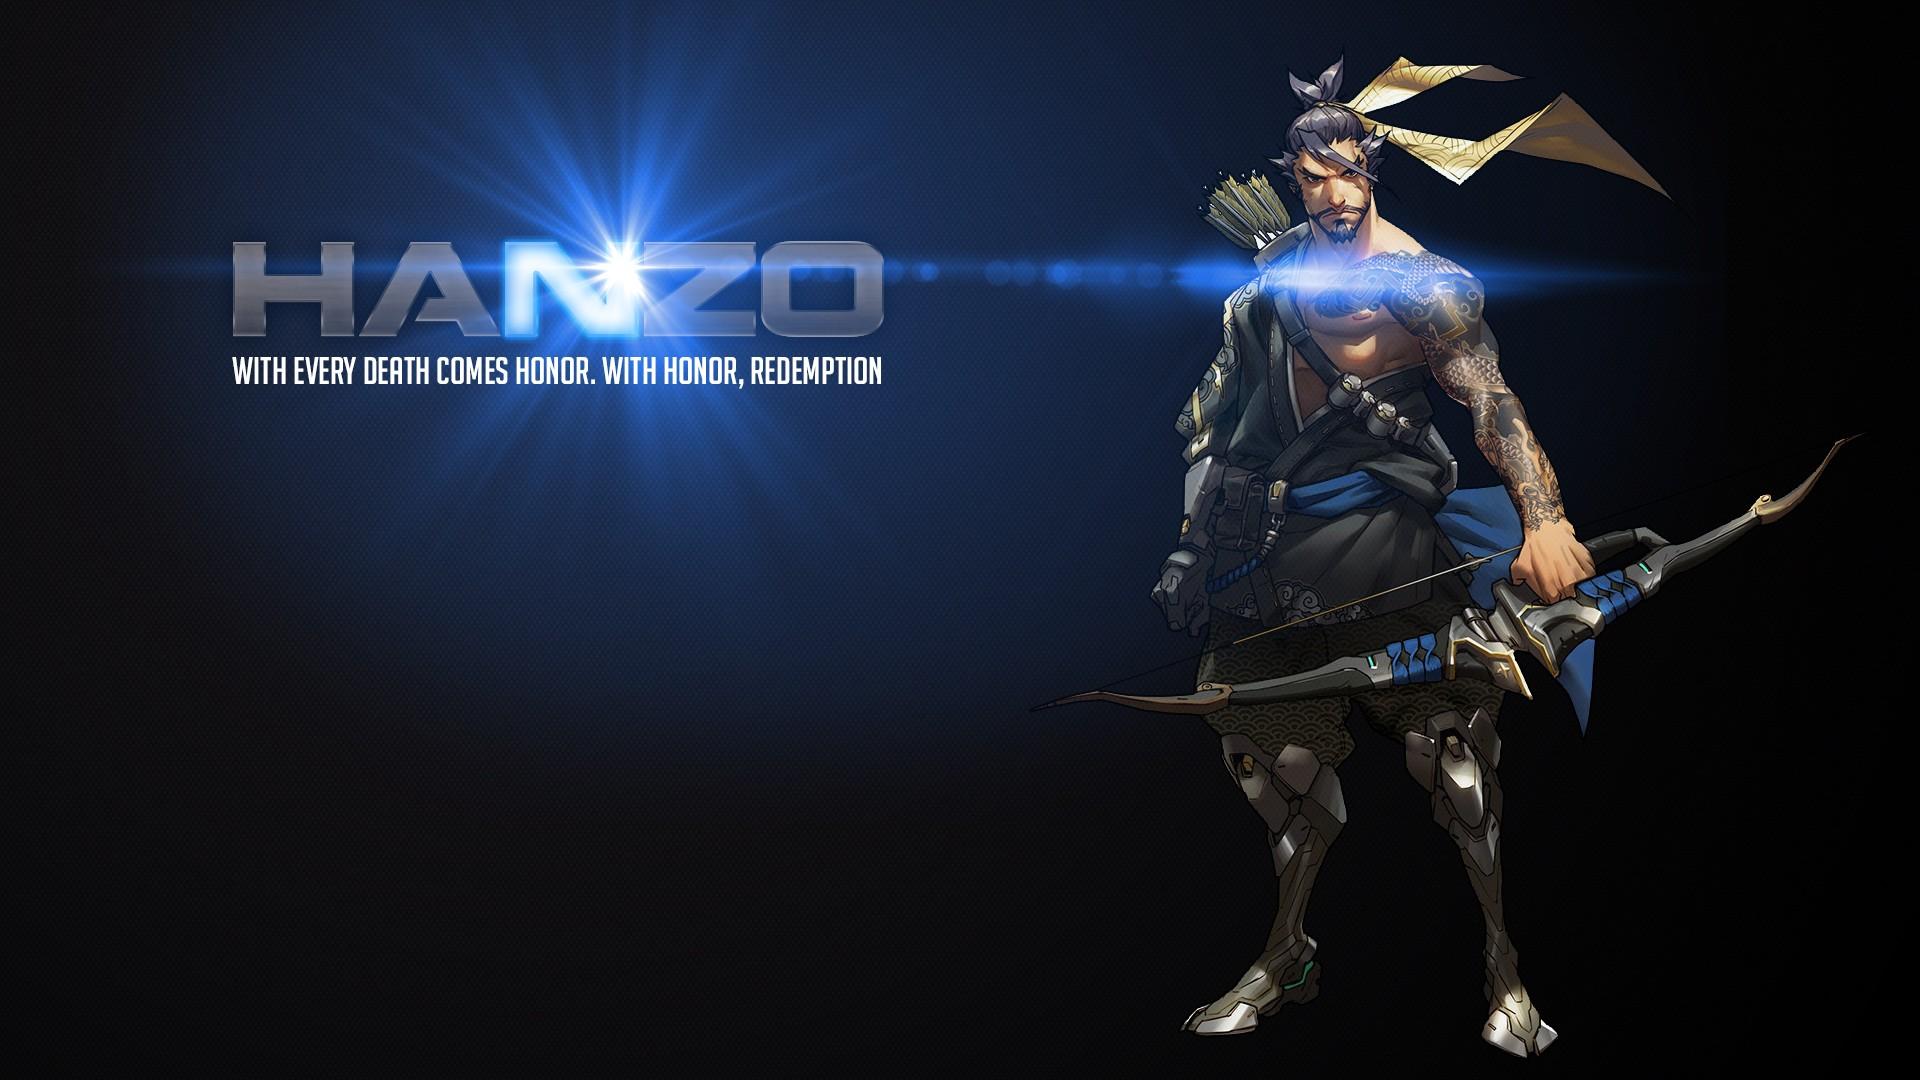 デスクトップ壁紙 オーバーウォッチ Hanzo Overwatch ブリザード